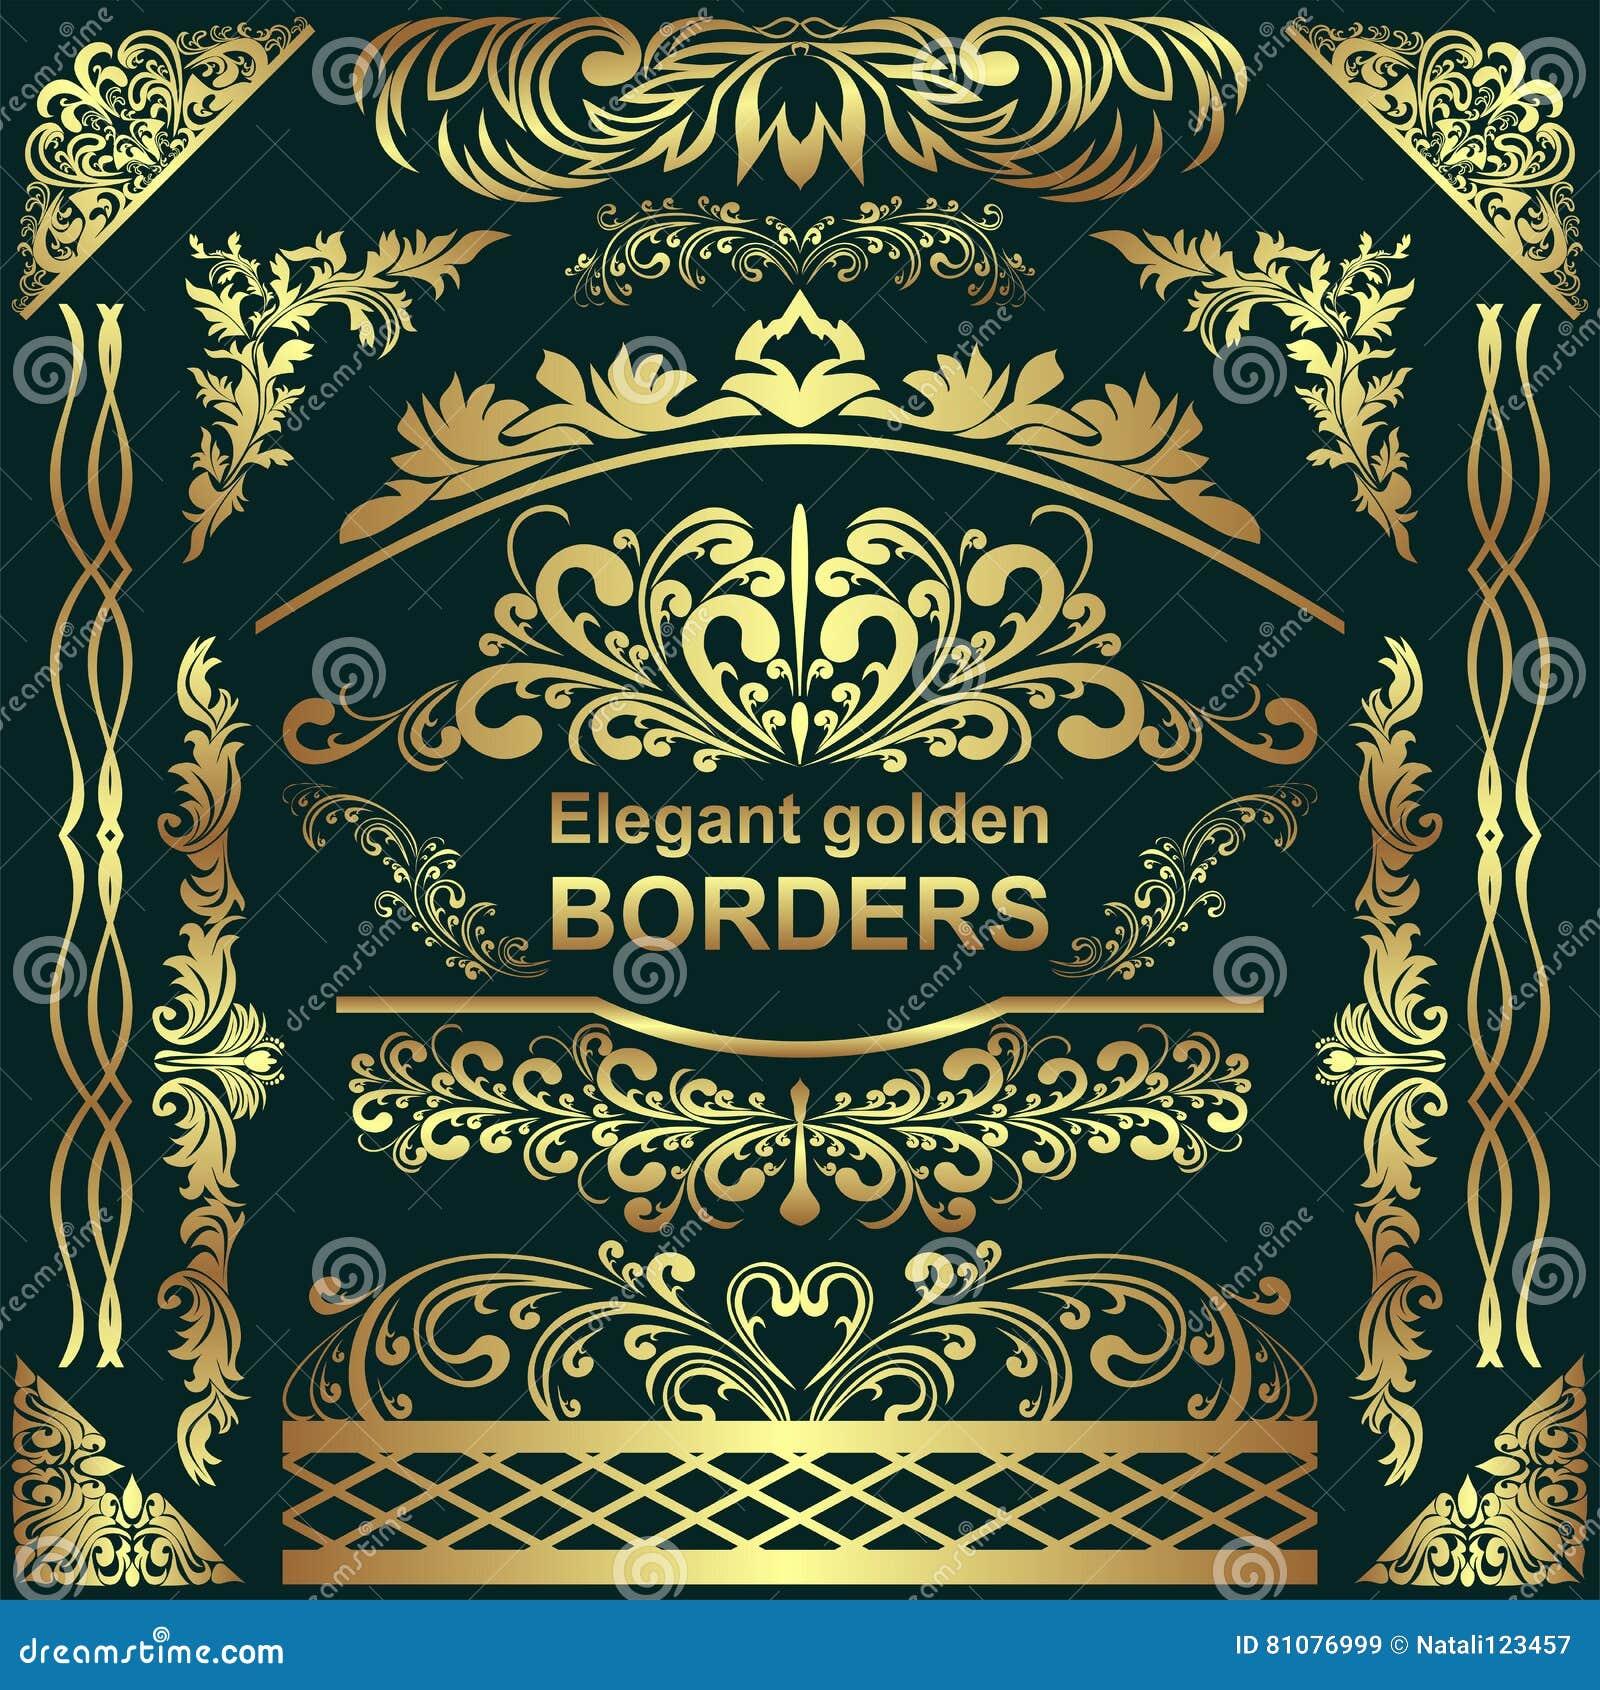 Golden Elegant Borders, Design Elements - Big Set For Your